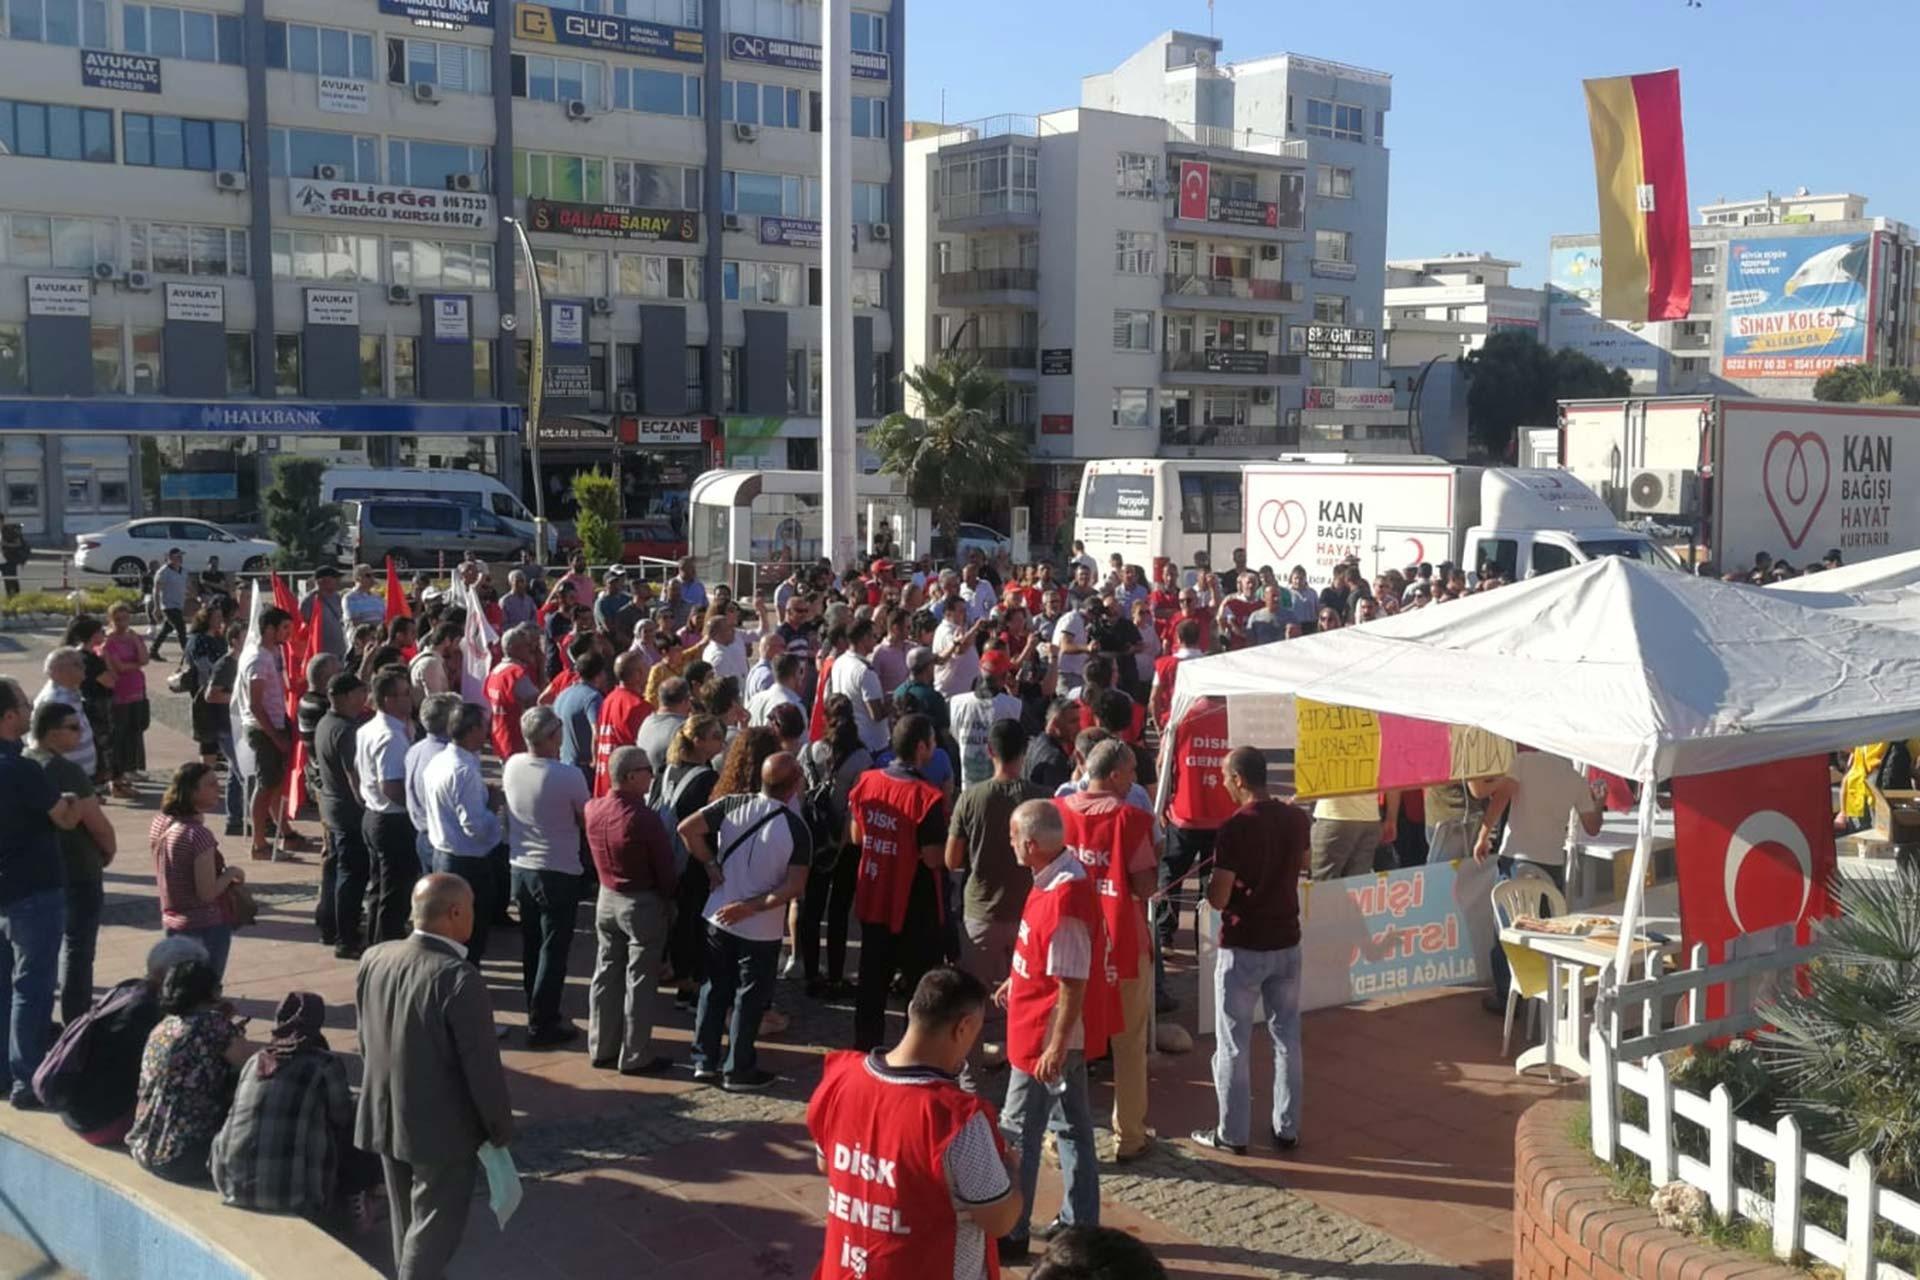 DİSK Genel İş 5 Nolu Şube, Aliağa Belediyesinden çıkarılan belediye işçileri için basın açıklaması yaptı